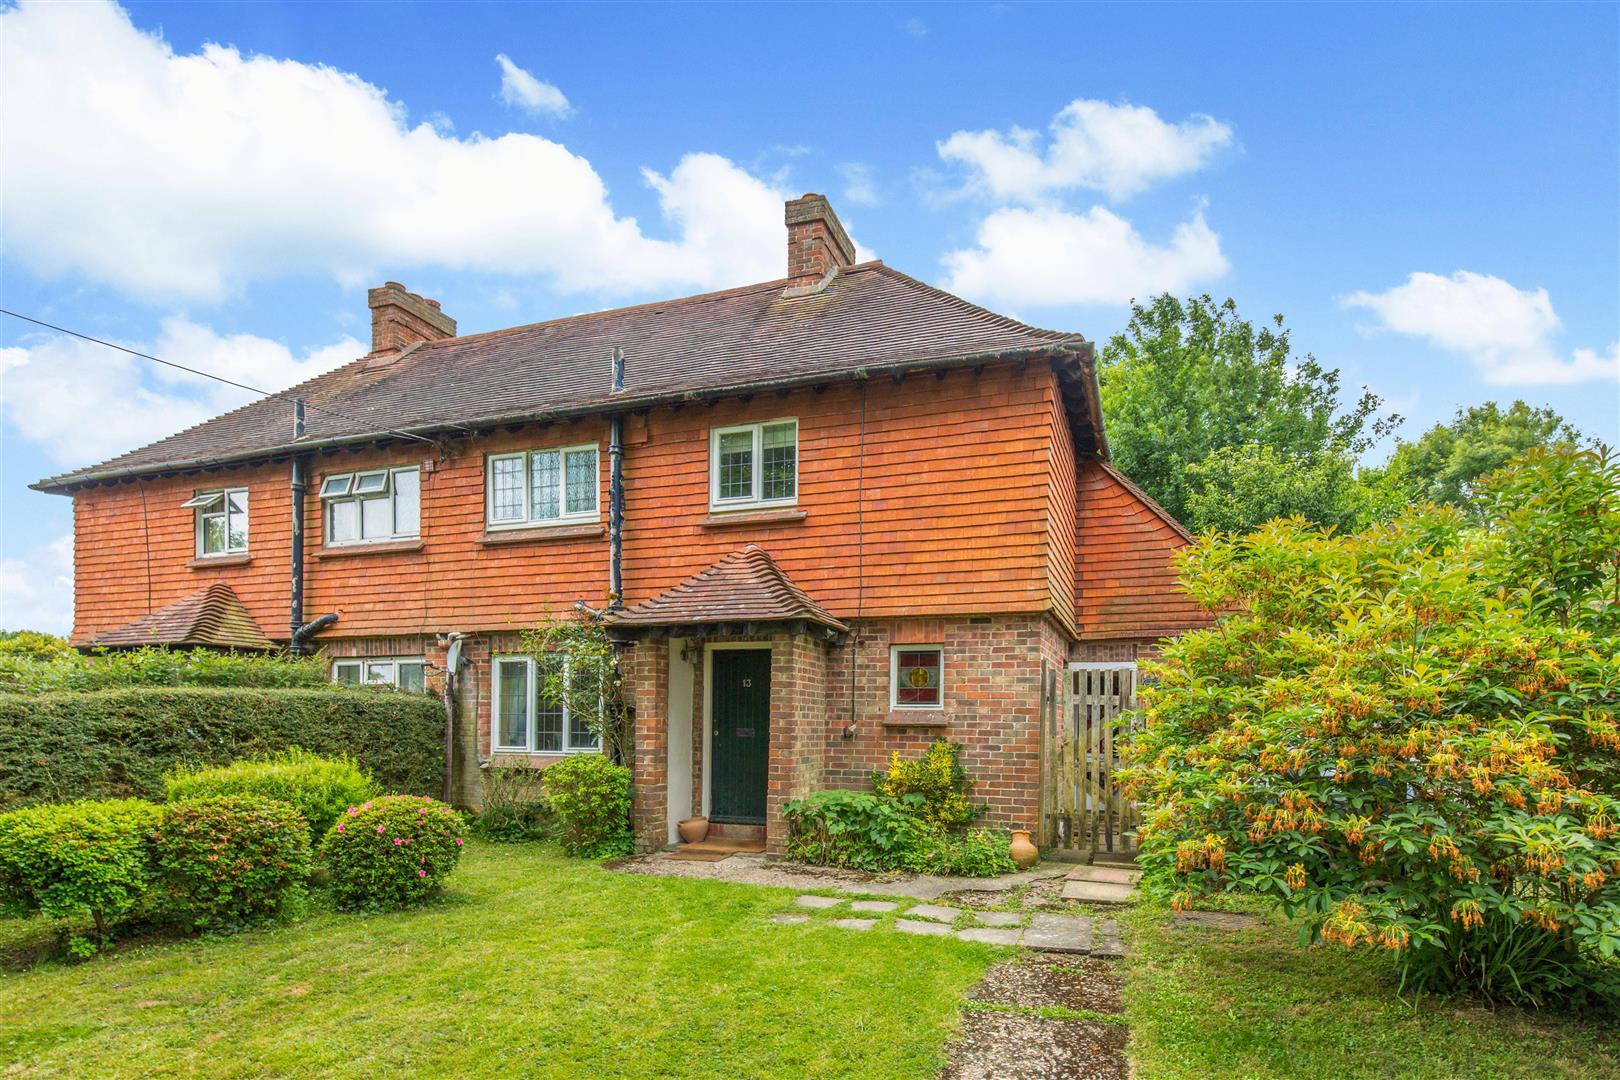 13 Maple Leaf Cottage1.jpg